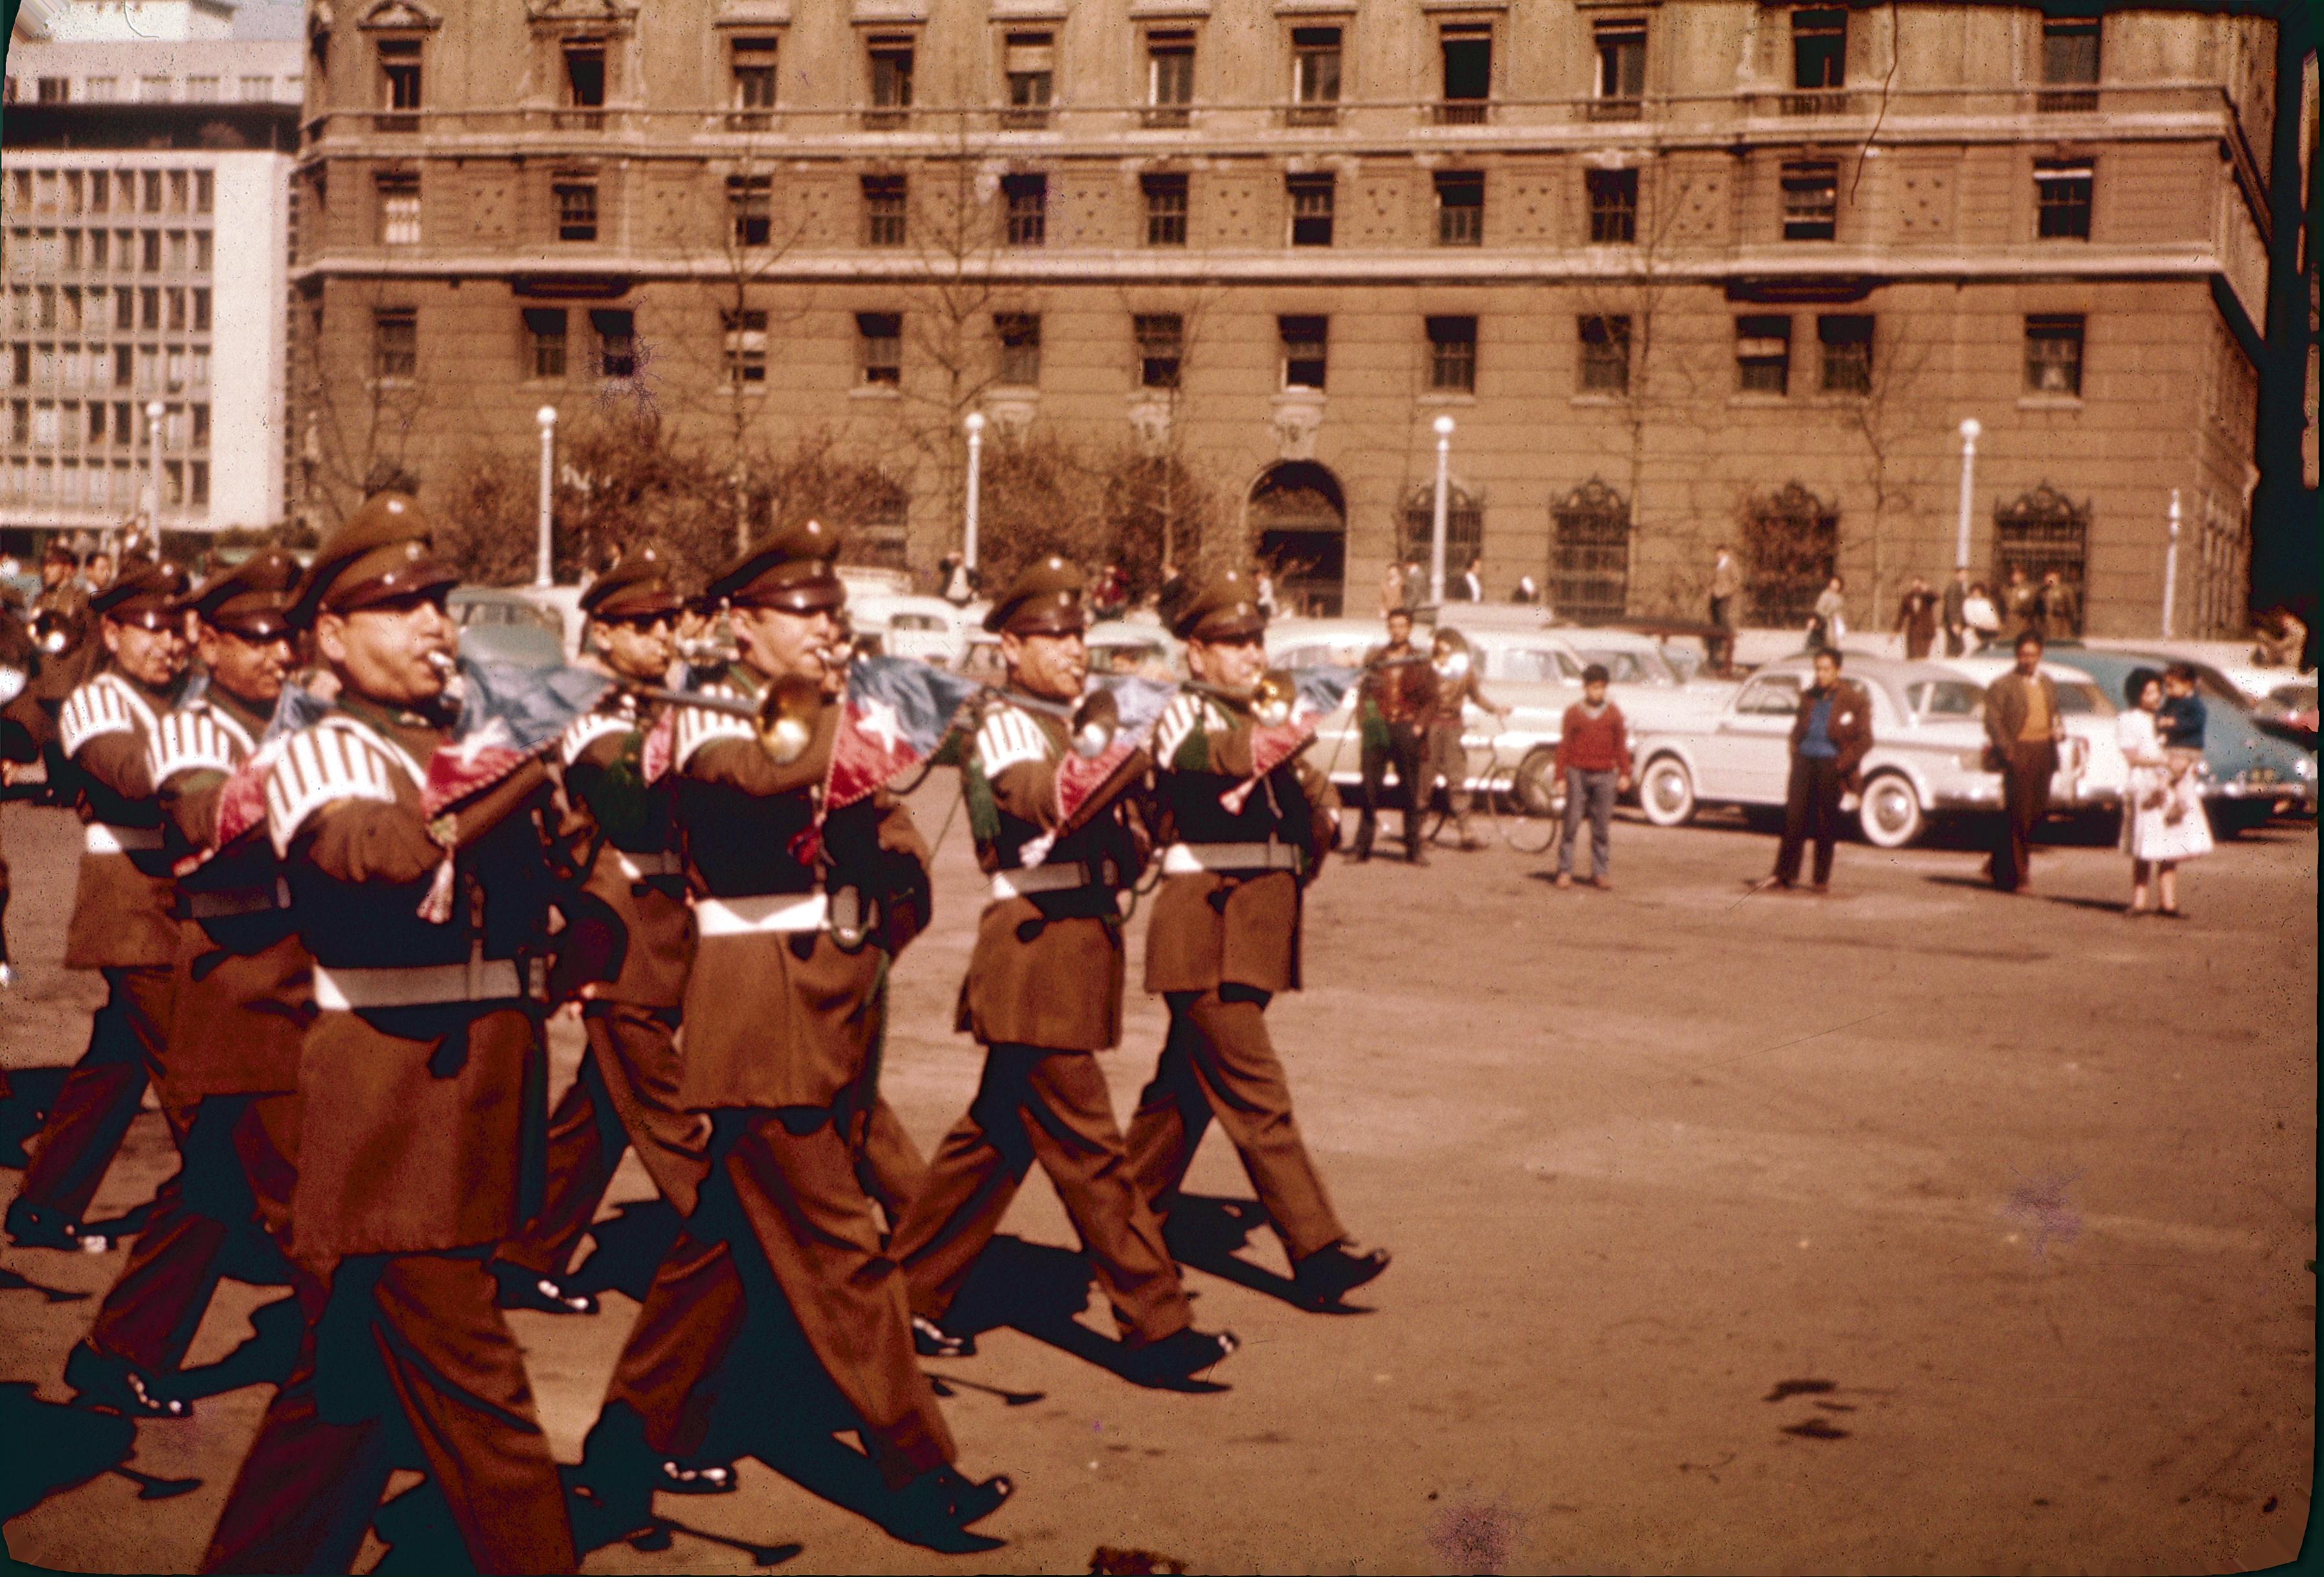 Enterreno - Fotos históricas de chile - fotos antiguas de Chile - Barrio Cívico en los sesenta